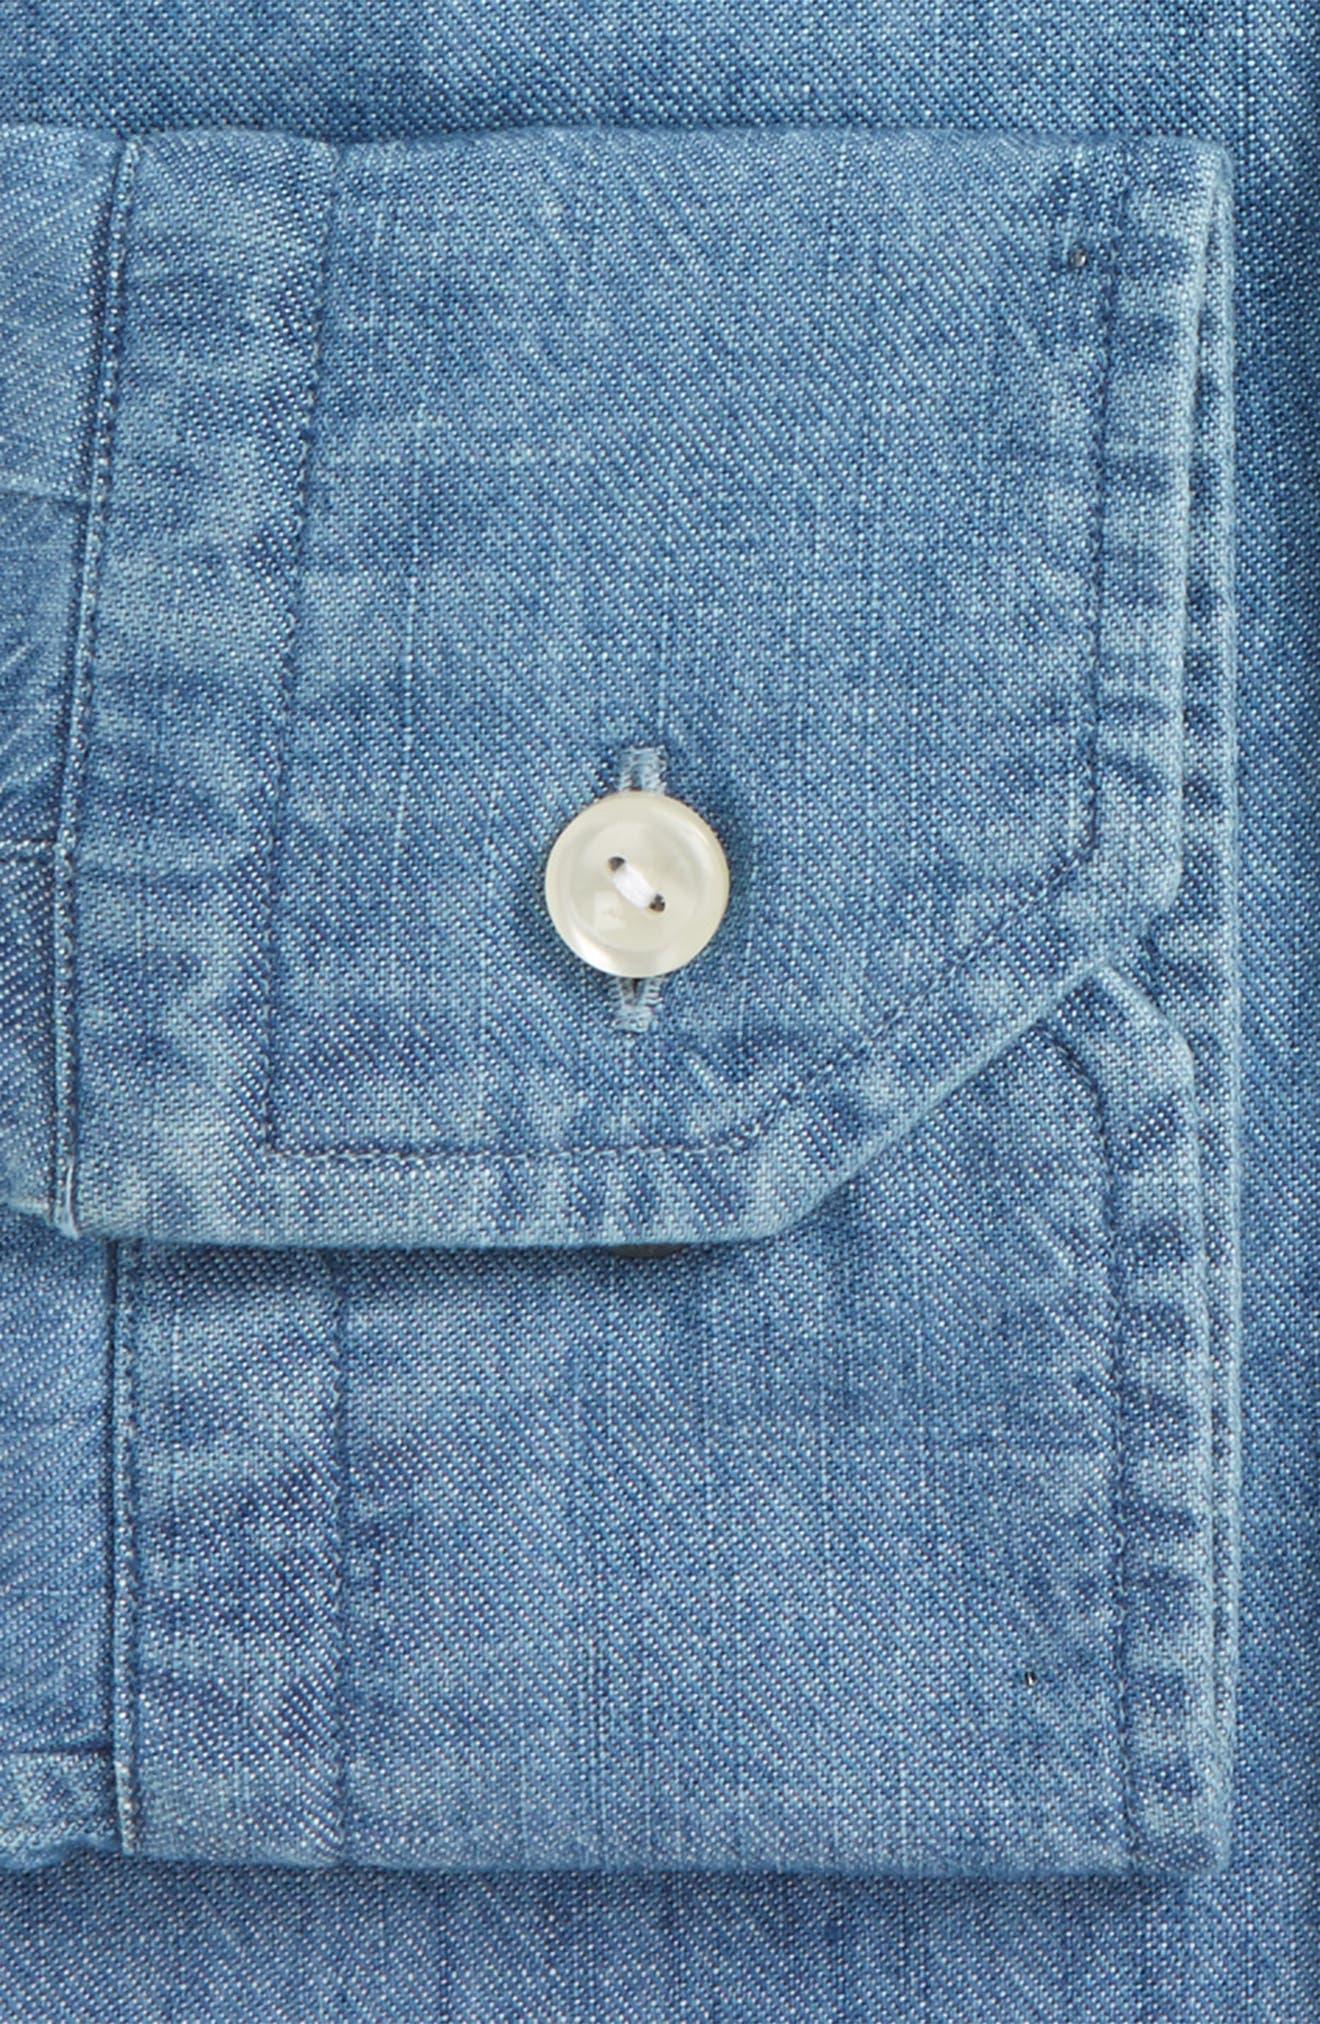 Slim Fit Chambray Dress Shirt,                             Main thumbnail 1, color,                             400